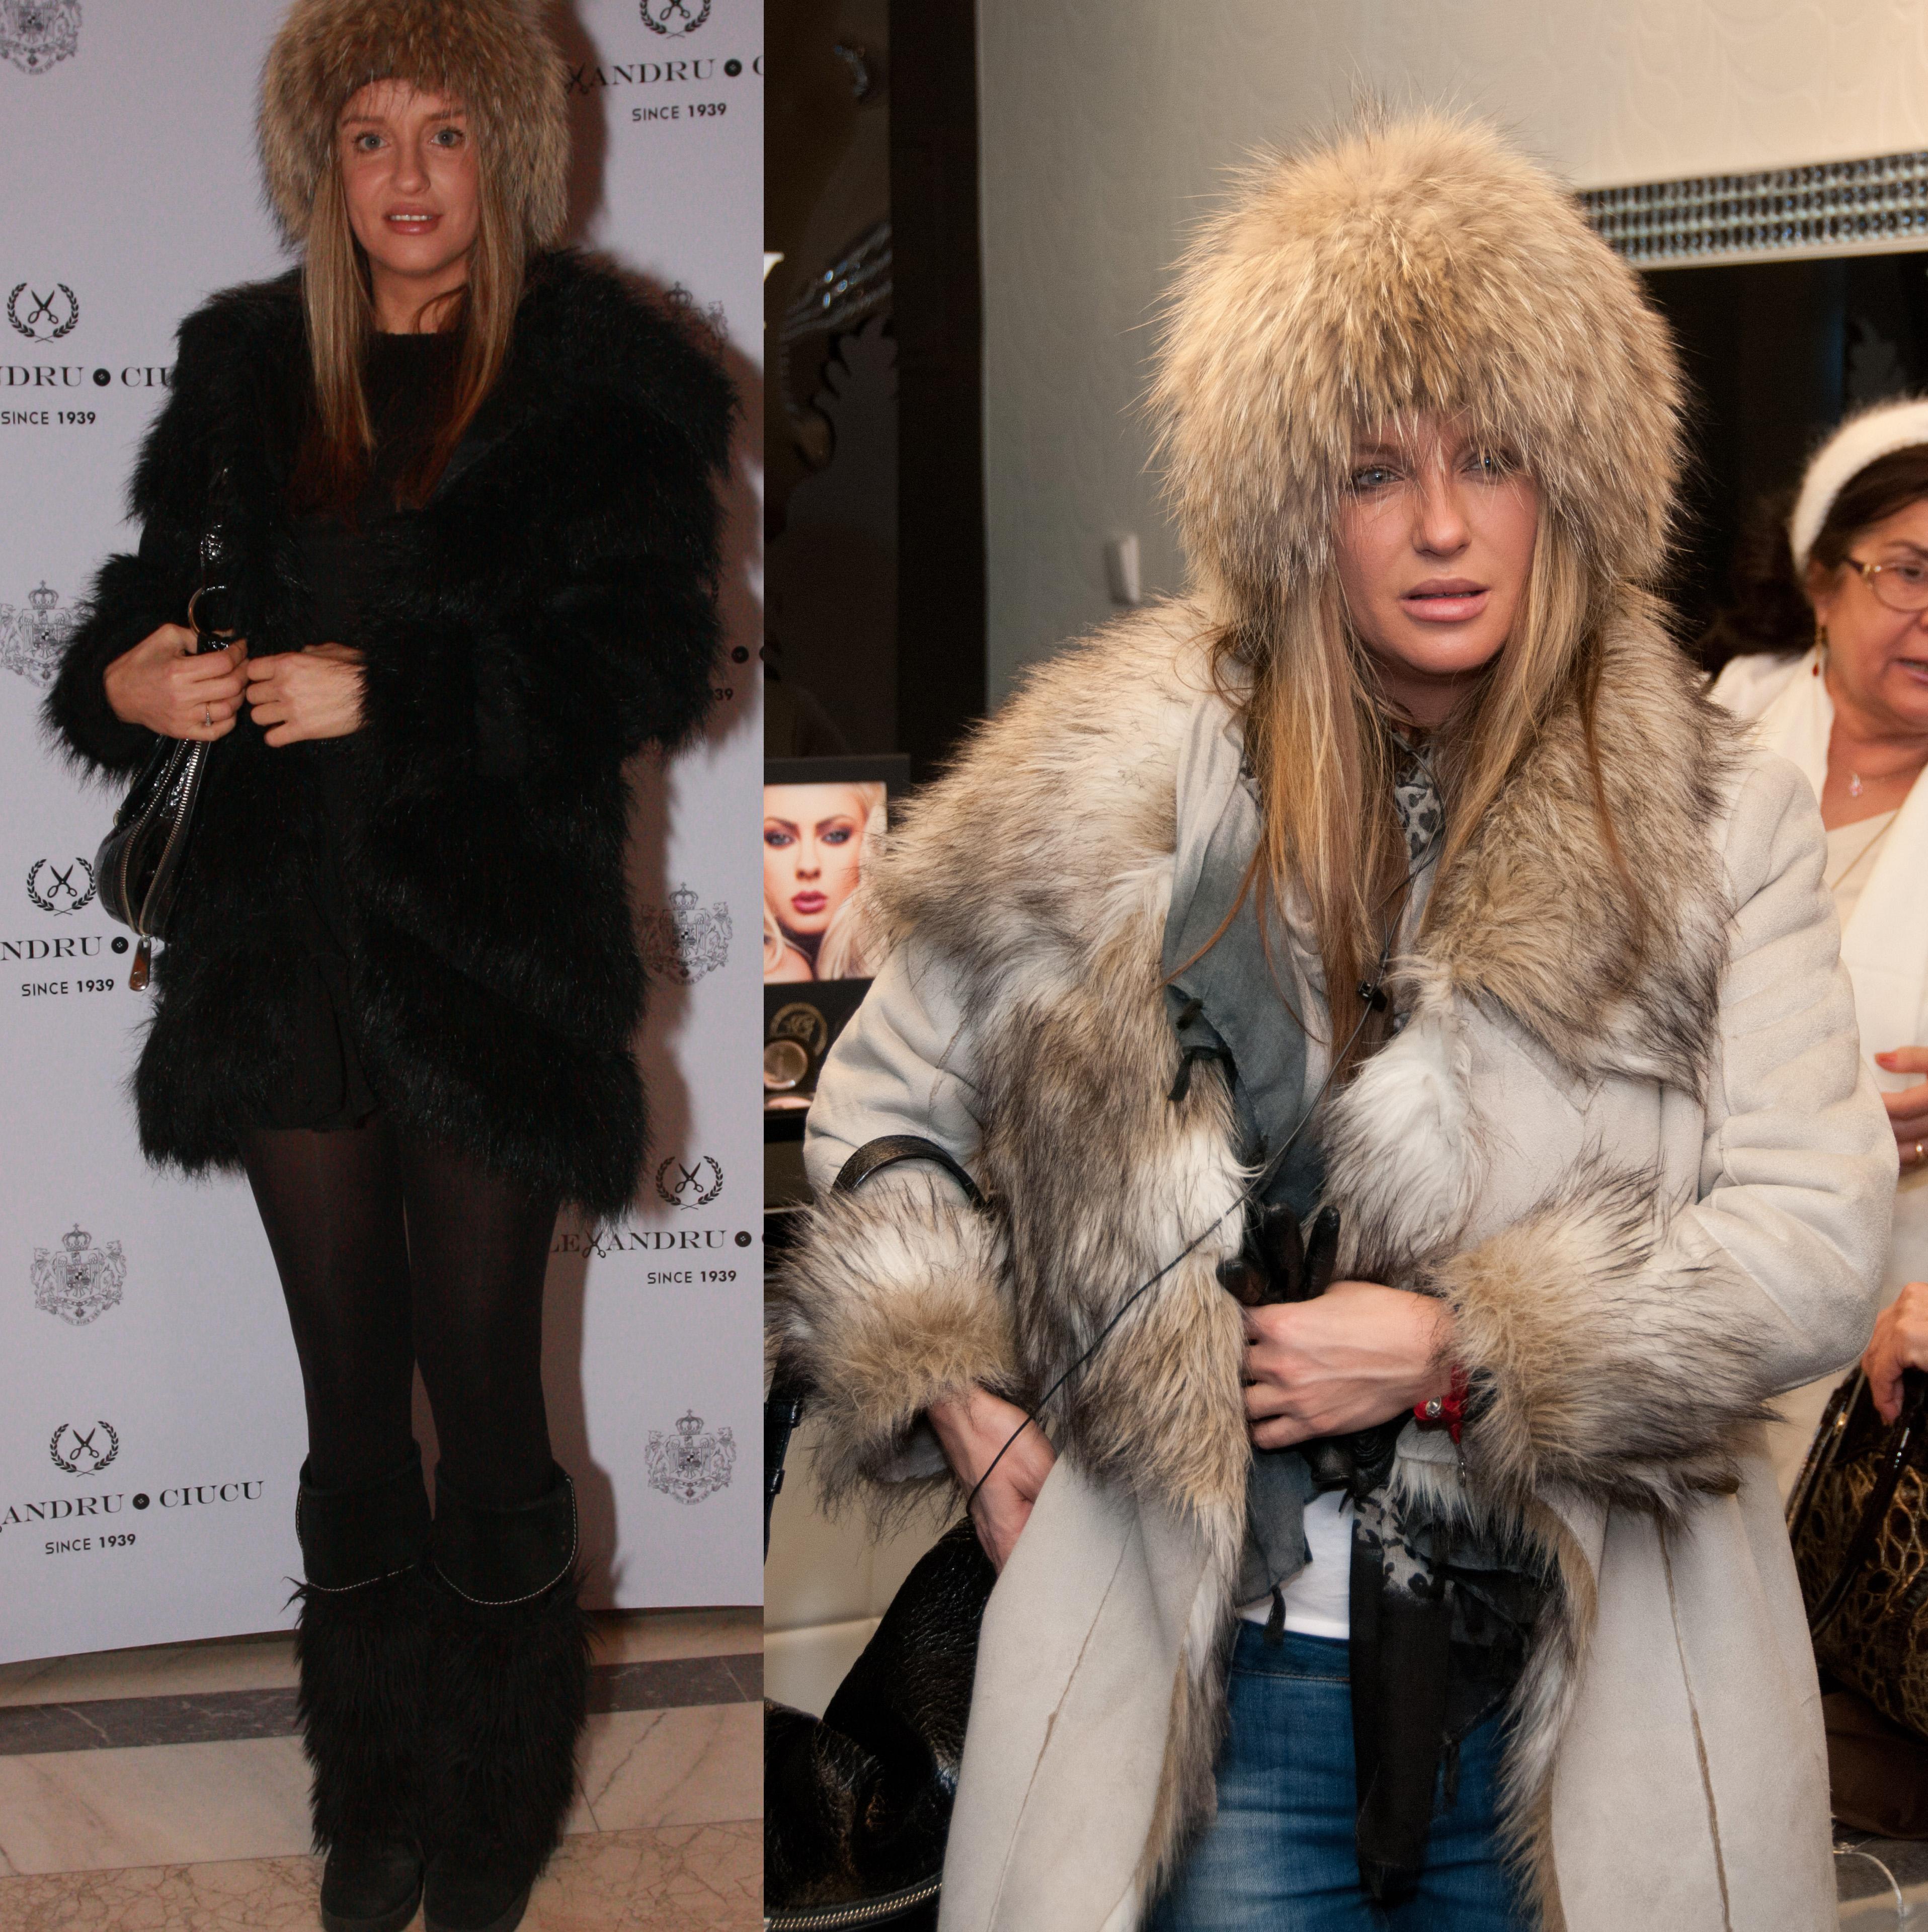 Iubitoare de animale, Tania Budi are mai multe haine din blana artificiala si o singura caciula din blana naturala de vulpe